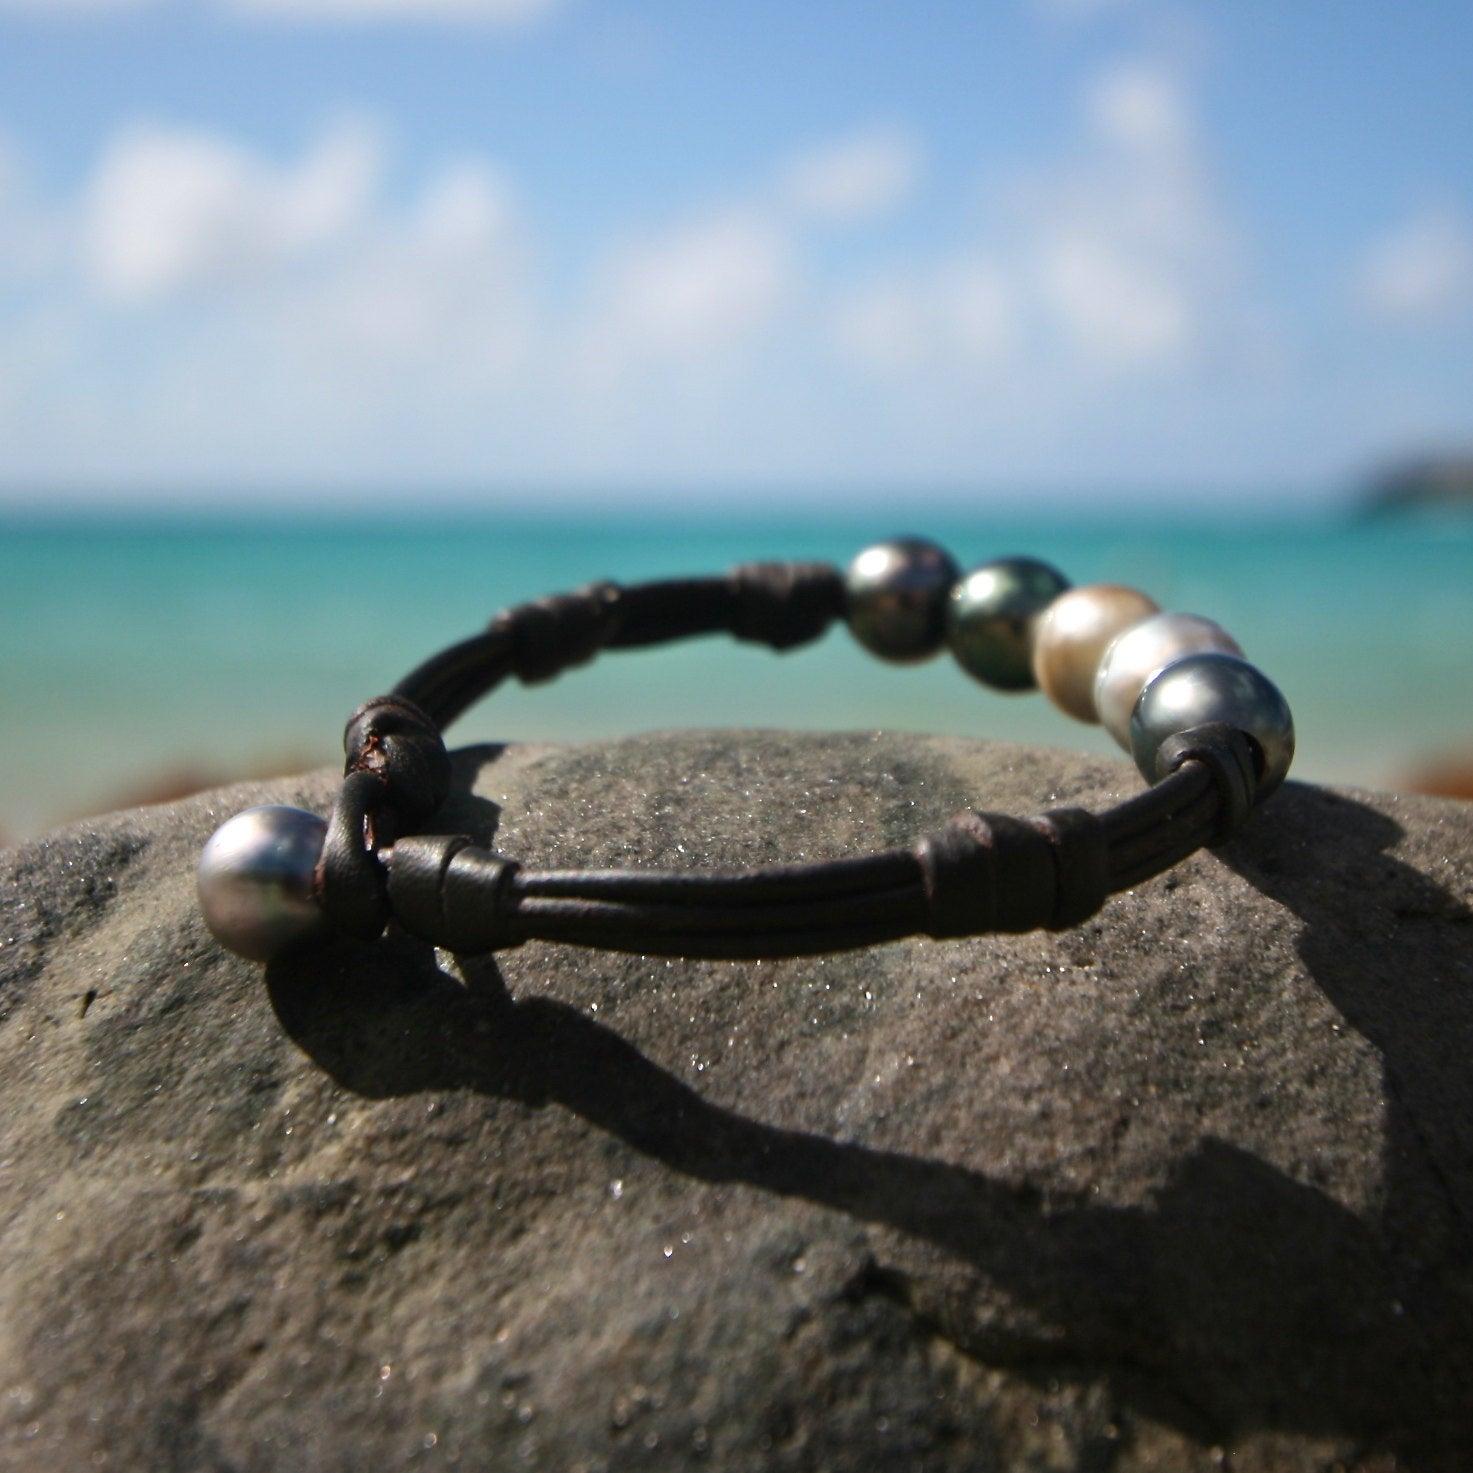 bijoux des mers gustavia st barth